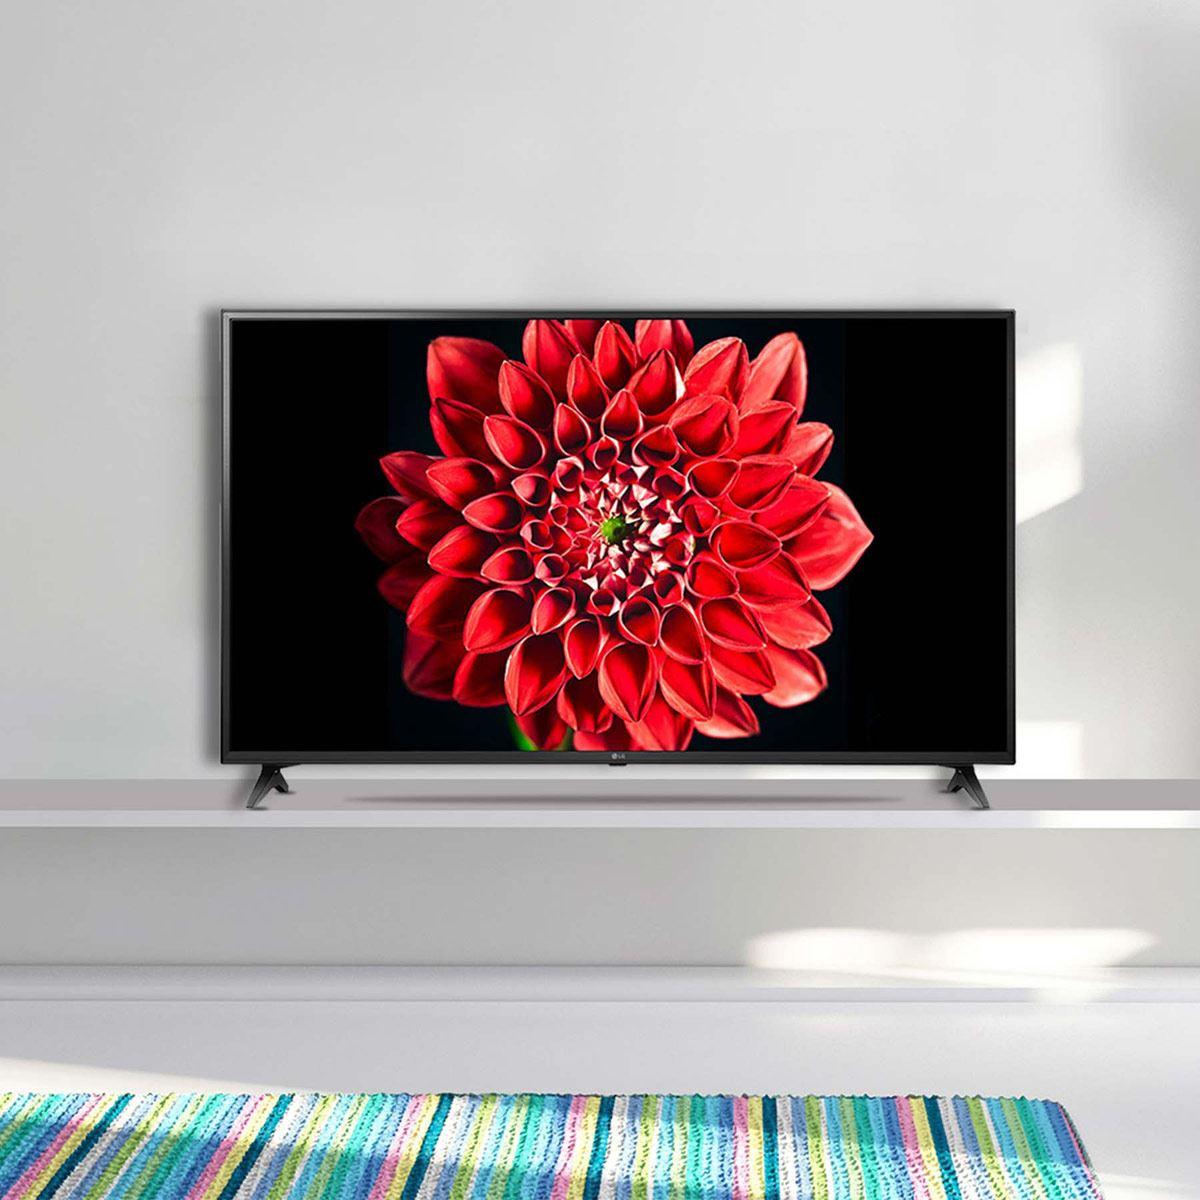 Pantalla LG UHD TV AI ThinQ 4K 49